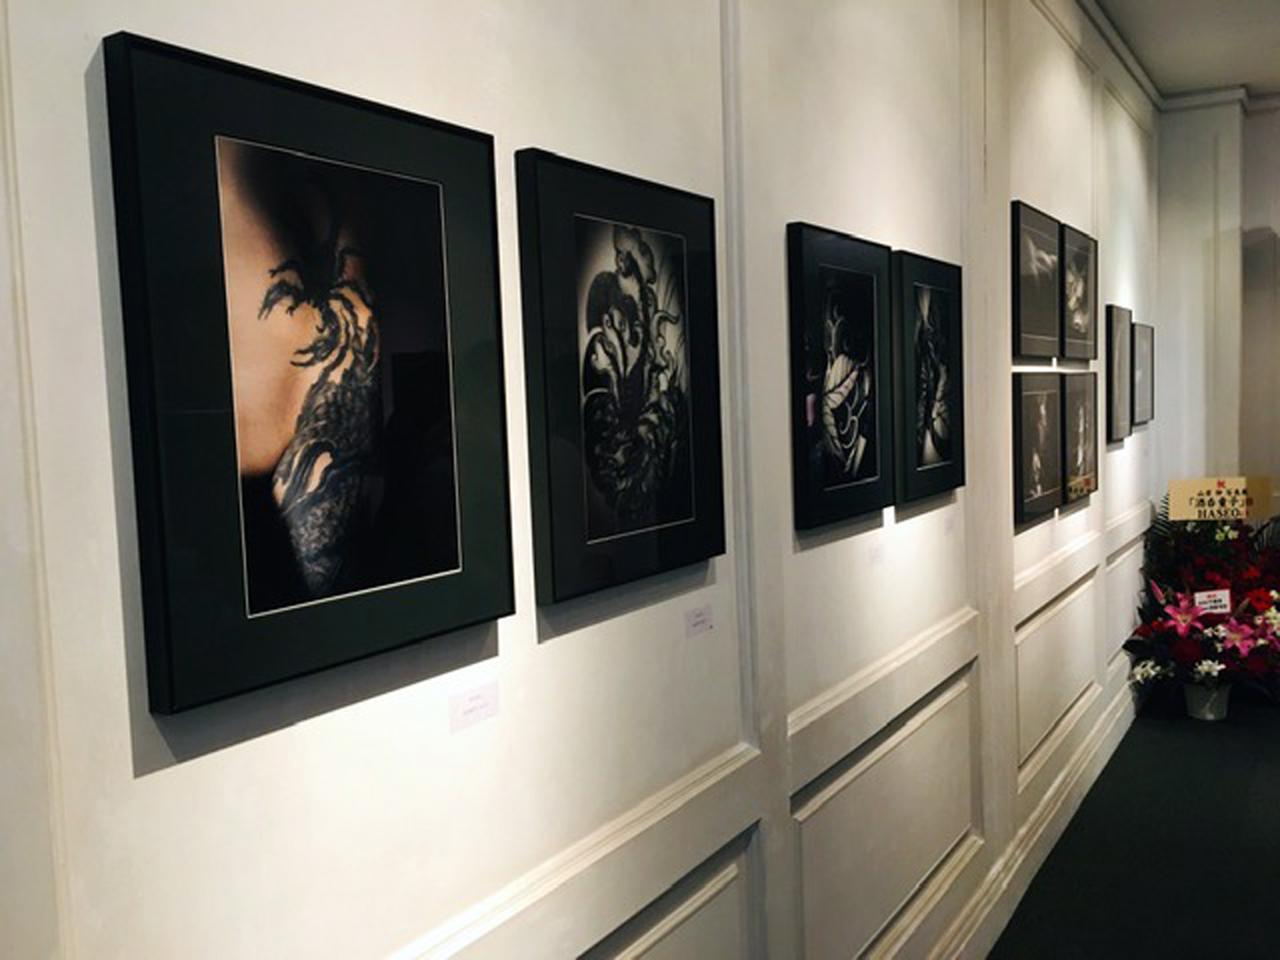 画像1: 山岸伸写真展『酒呑童子』。氏にとって初となる画廊(吉井画廊)での作品展示&販売となります。11月14日まで。